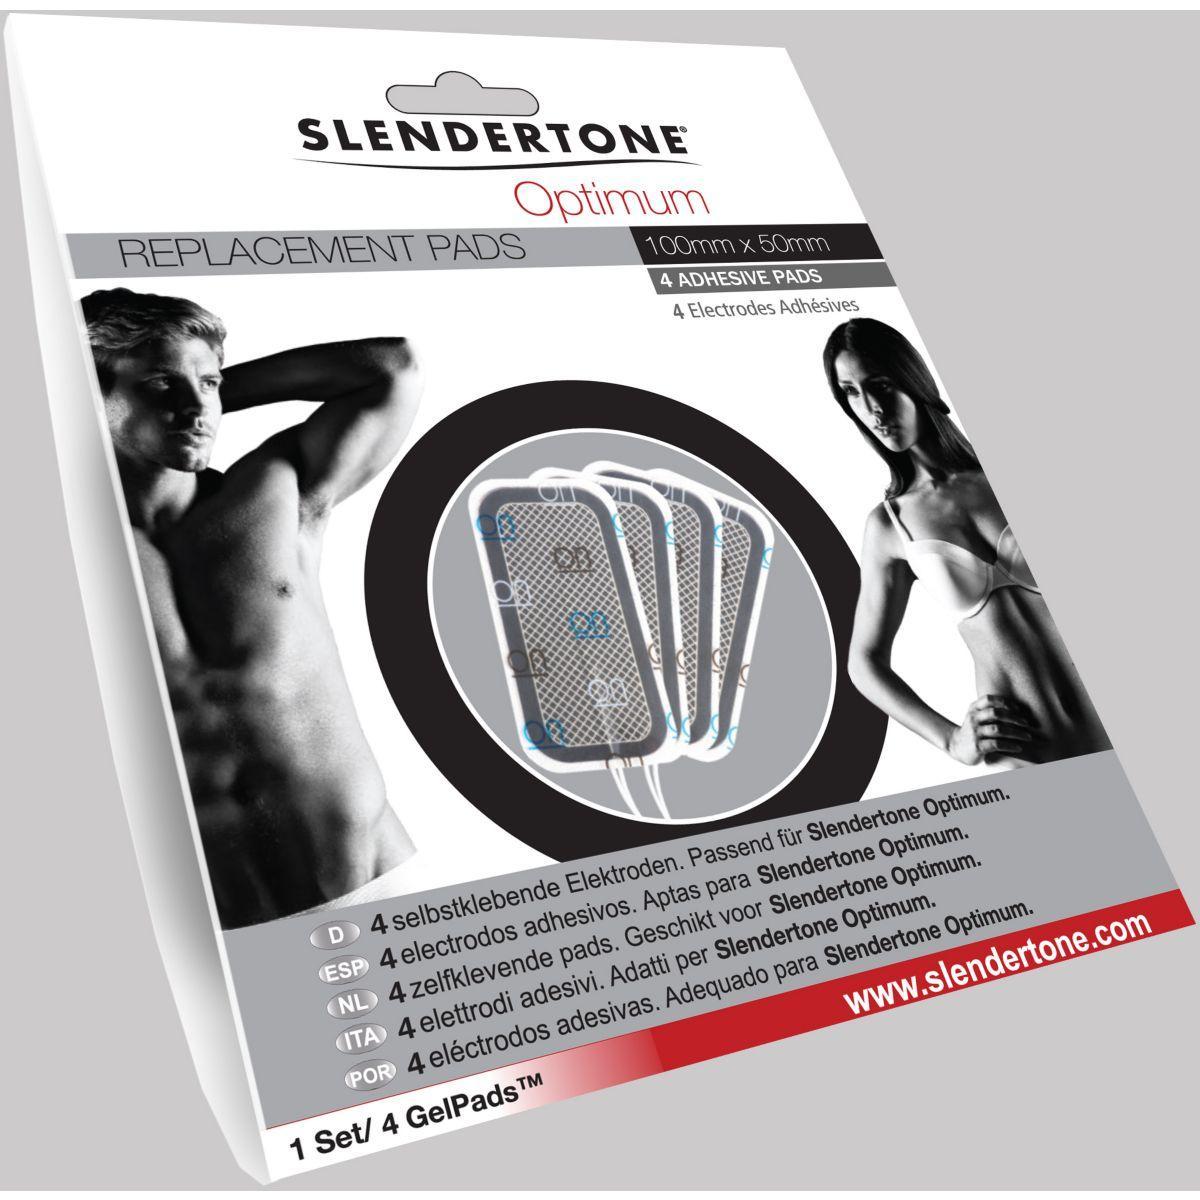 Electro-stimulation slendertone electrodes optimum 50x100 - produit coup de coeur webdistrib.com ! (photo)